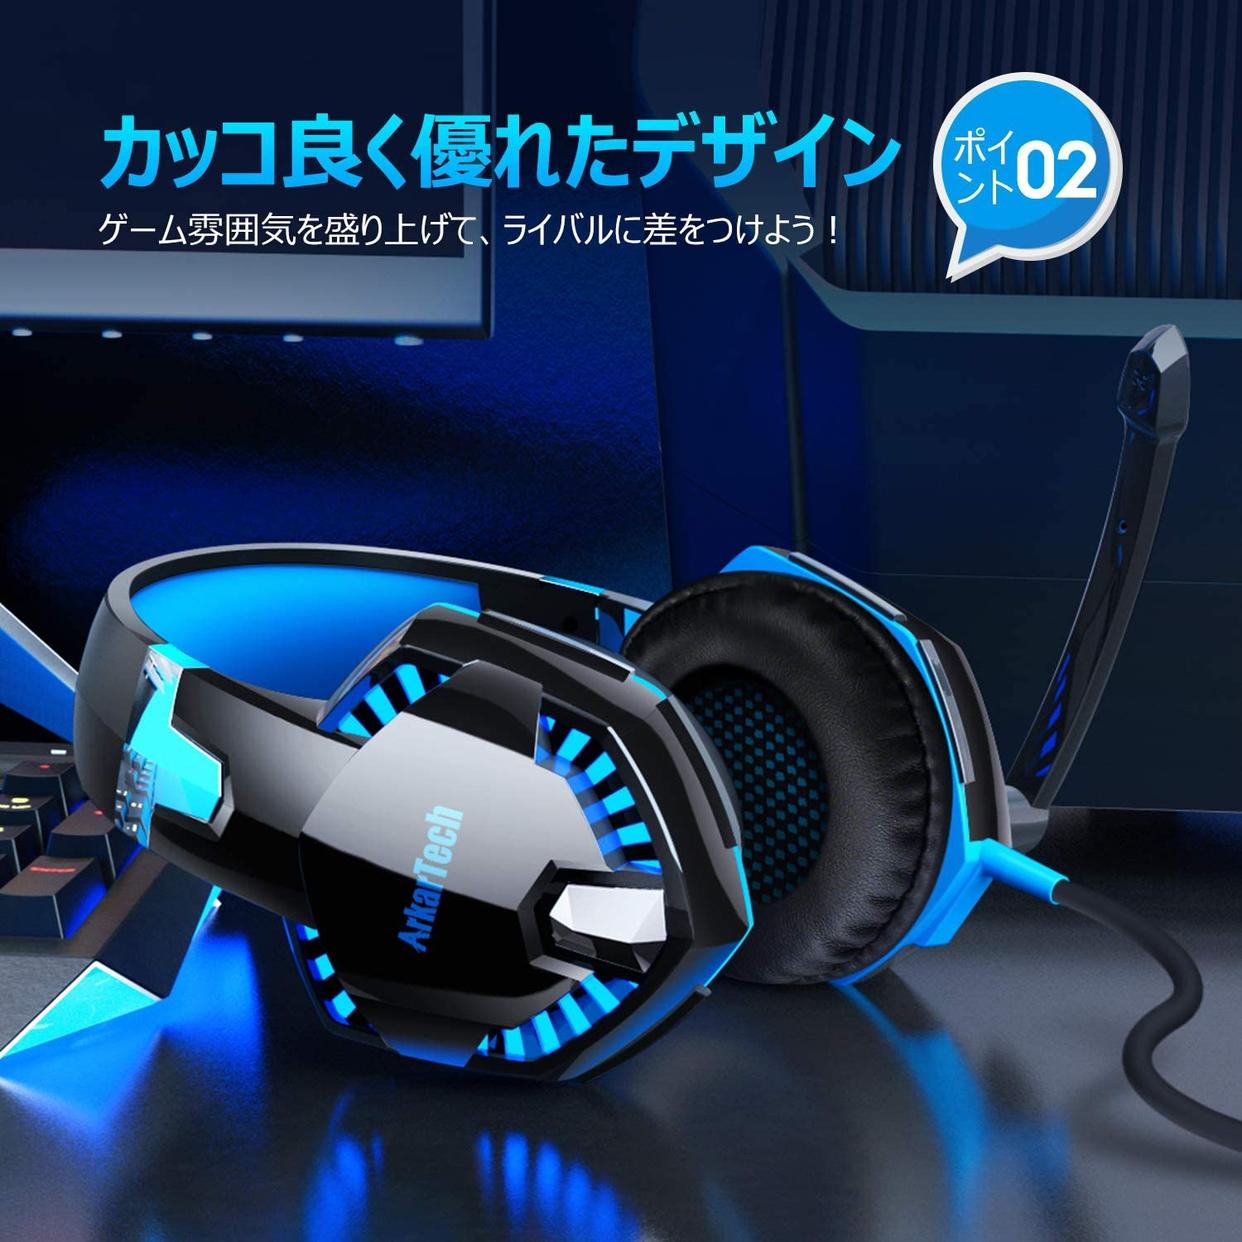 ARKARTECH(アーカーテック) ゲーミングヘッドセット G2000の商品画像3